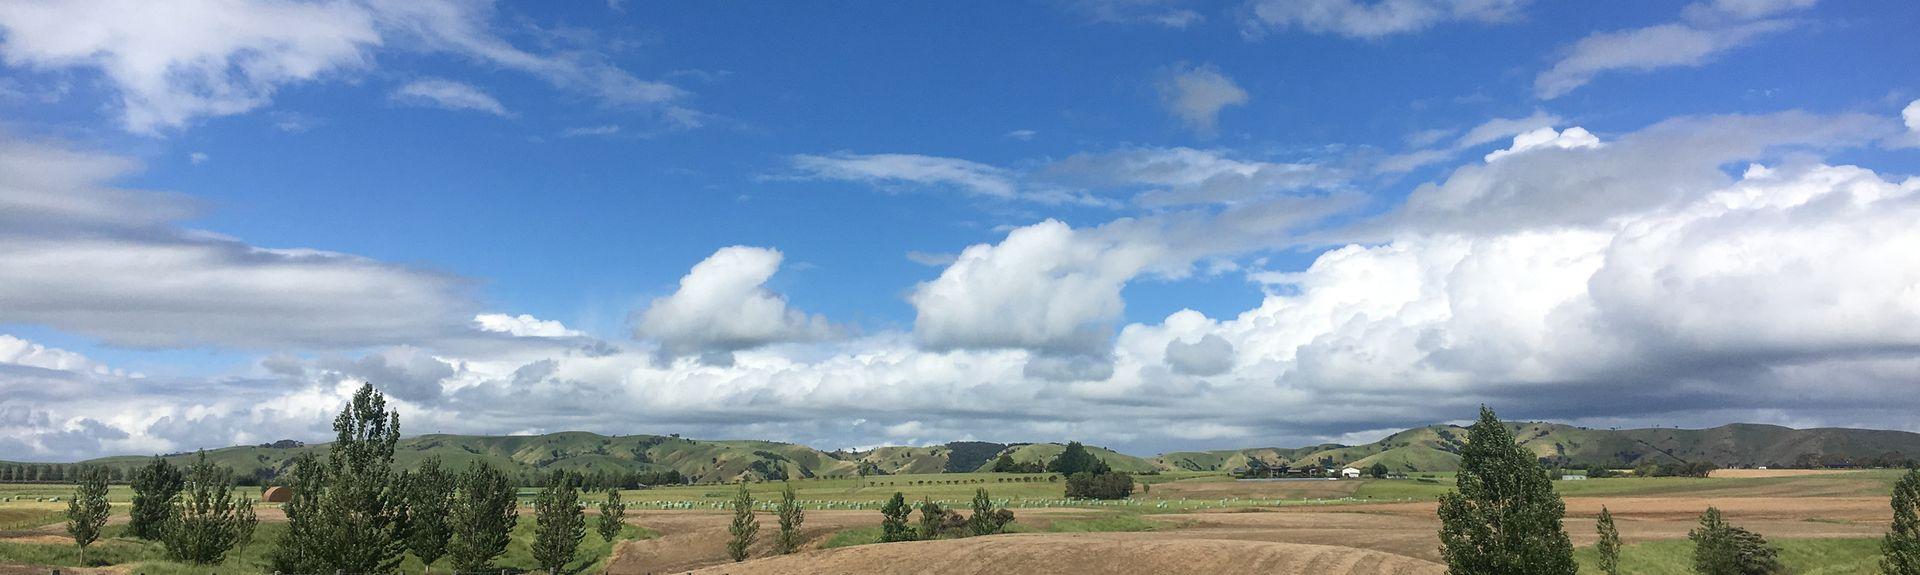 Région de Wairarapa, Région de Wellington, Nouvelle-Zélande